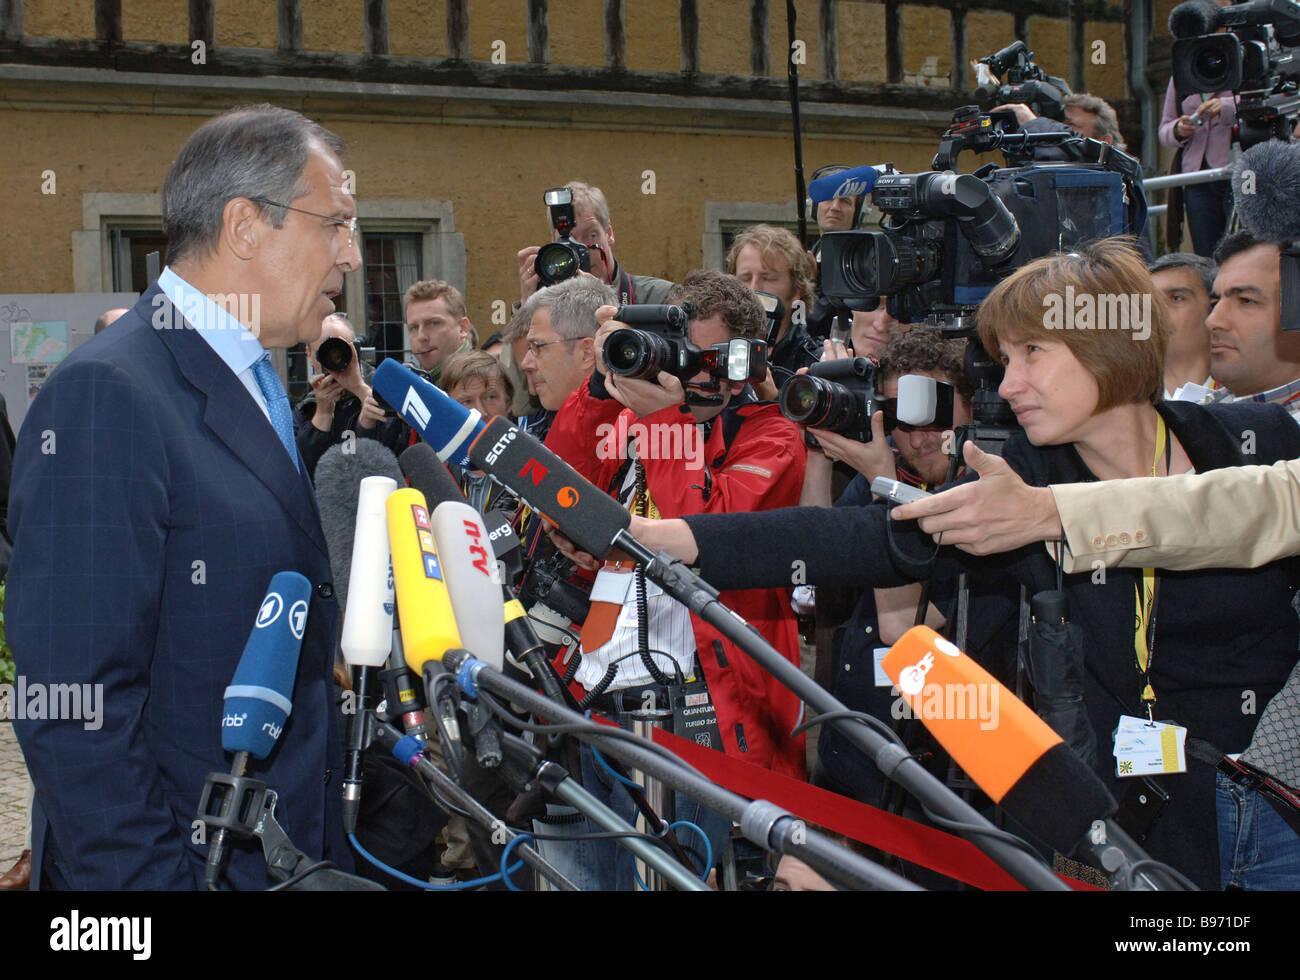 Le Ministre russe des affaires étrangères Sergei Lavrov s'adressant aux journalistes avant une conférence Photo Stock